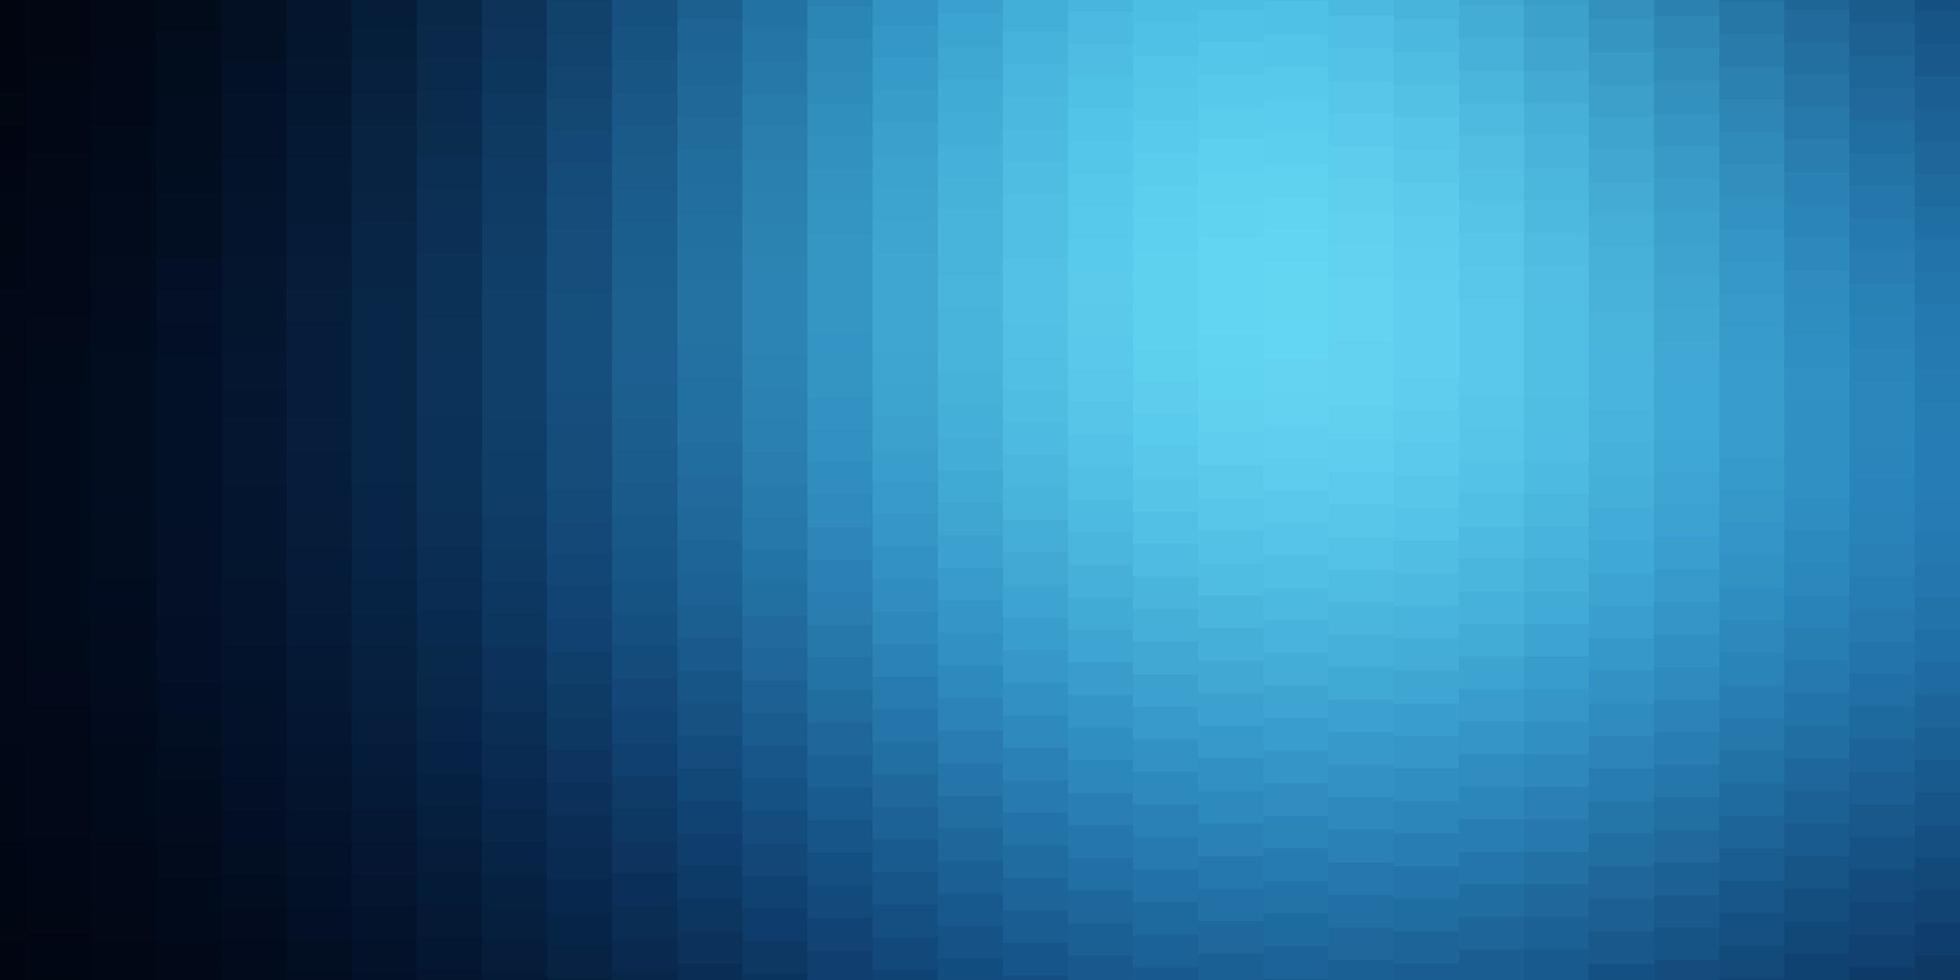 dunkelblaues Vektormuster im quadratischen Stil. vektor